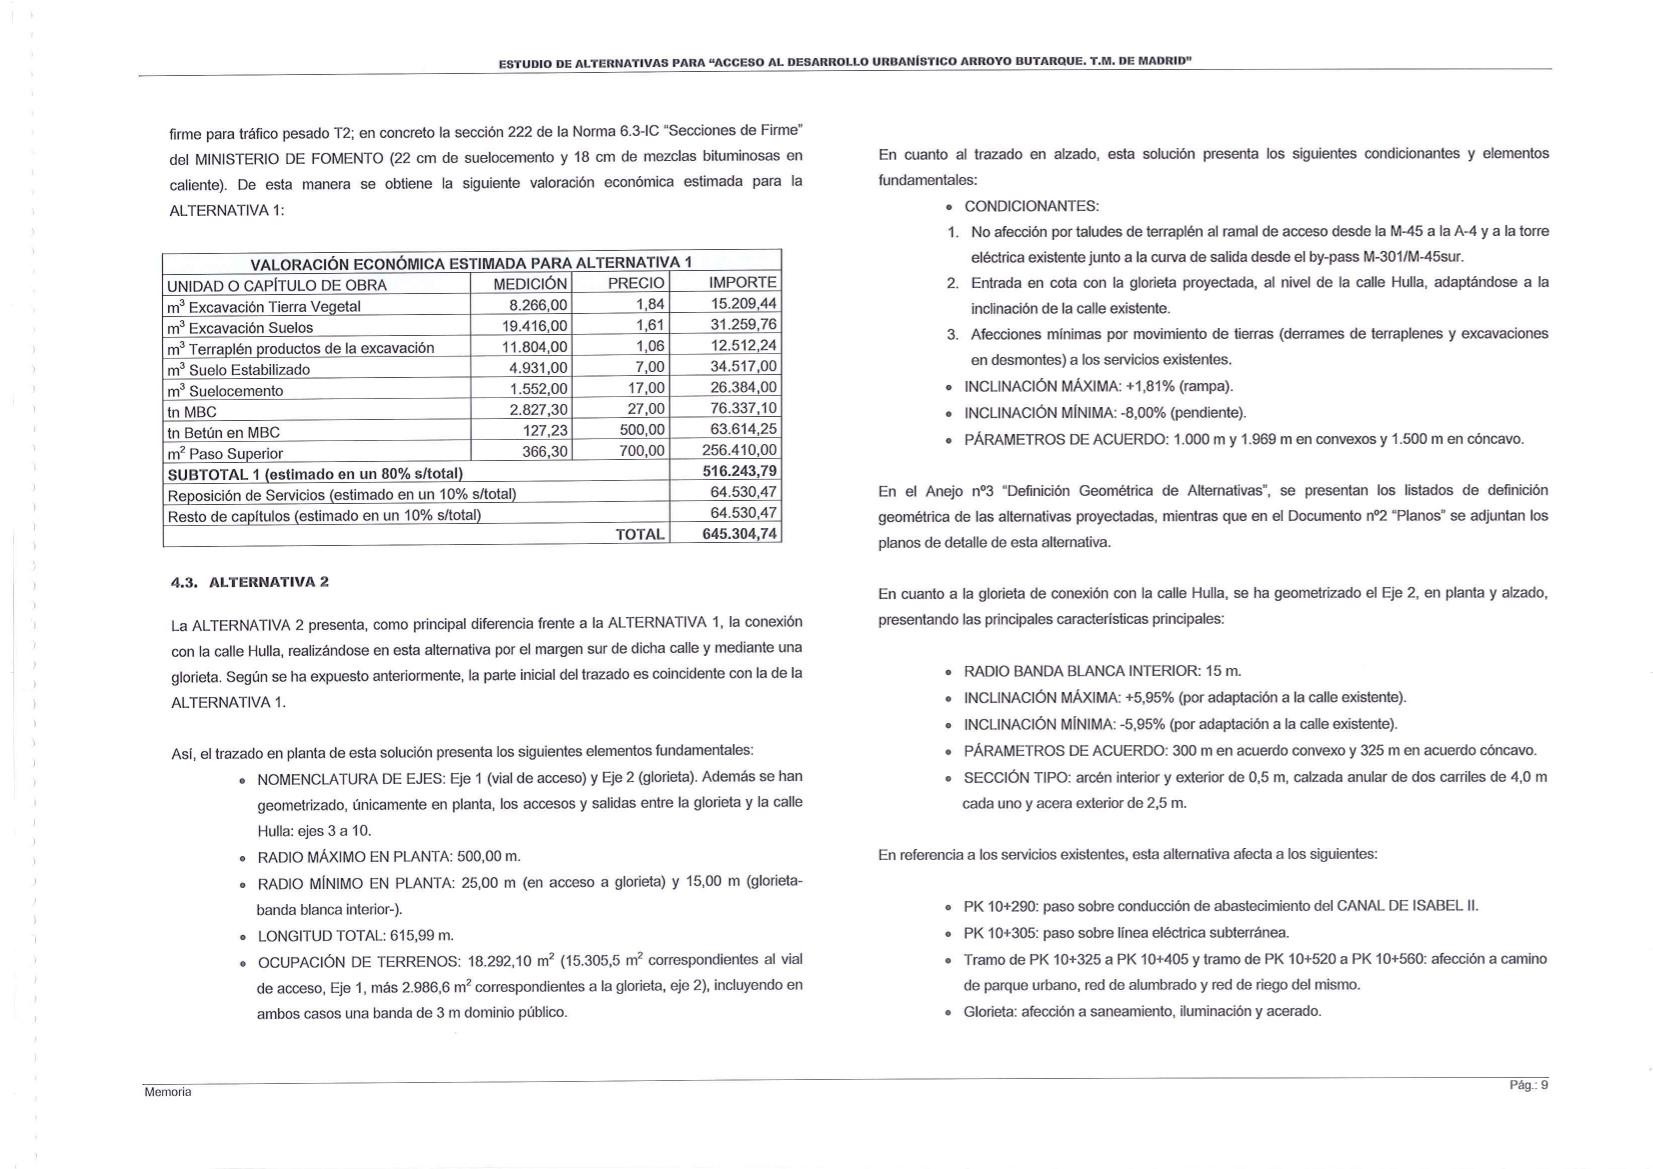 20140200_Estudio_alternativas_accesos_carretera_Butarque_CM_10.jpg